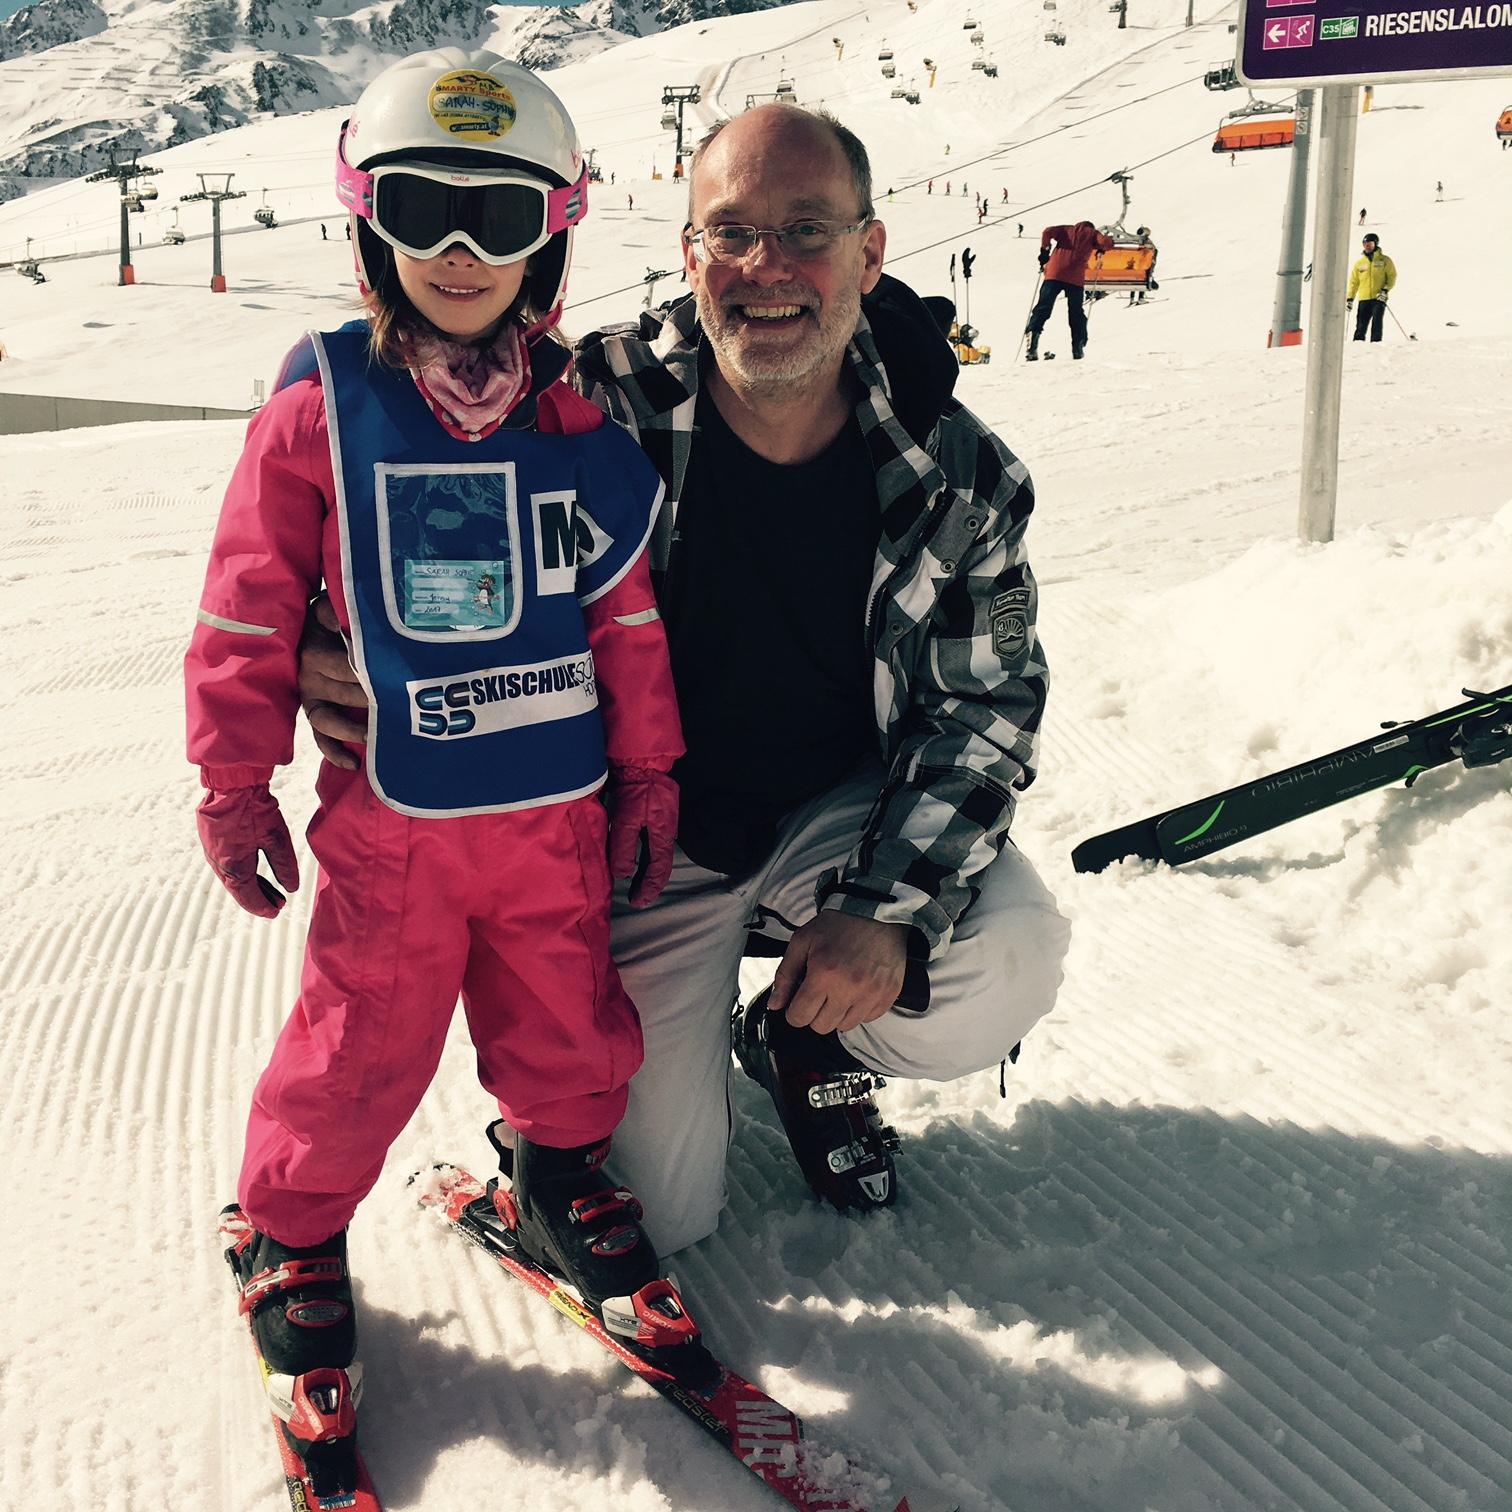 Sarah Sophies vierter Skikurs, Sölden, AT, März 2017